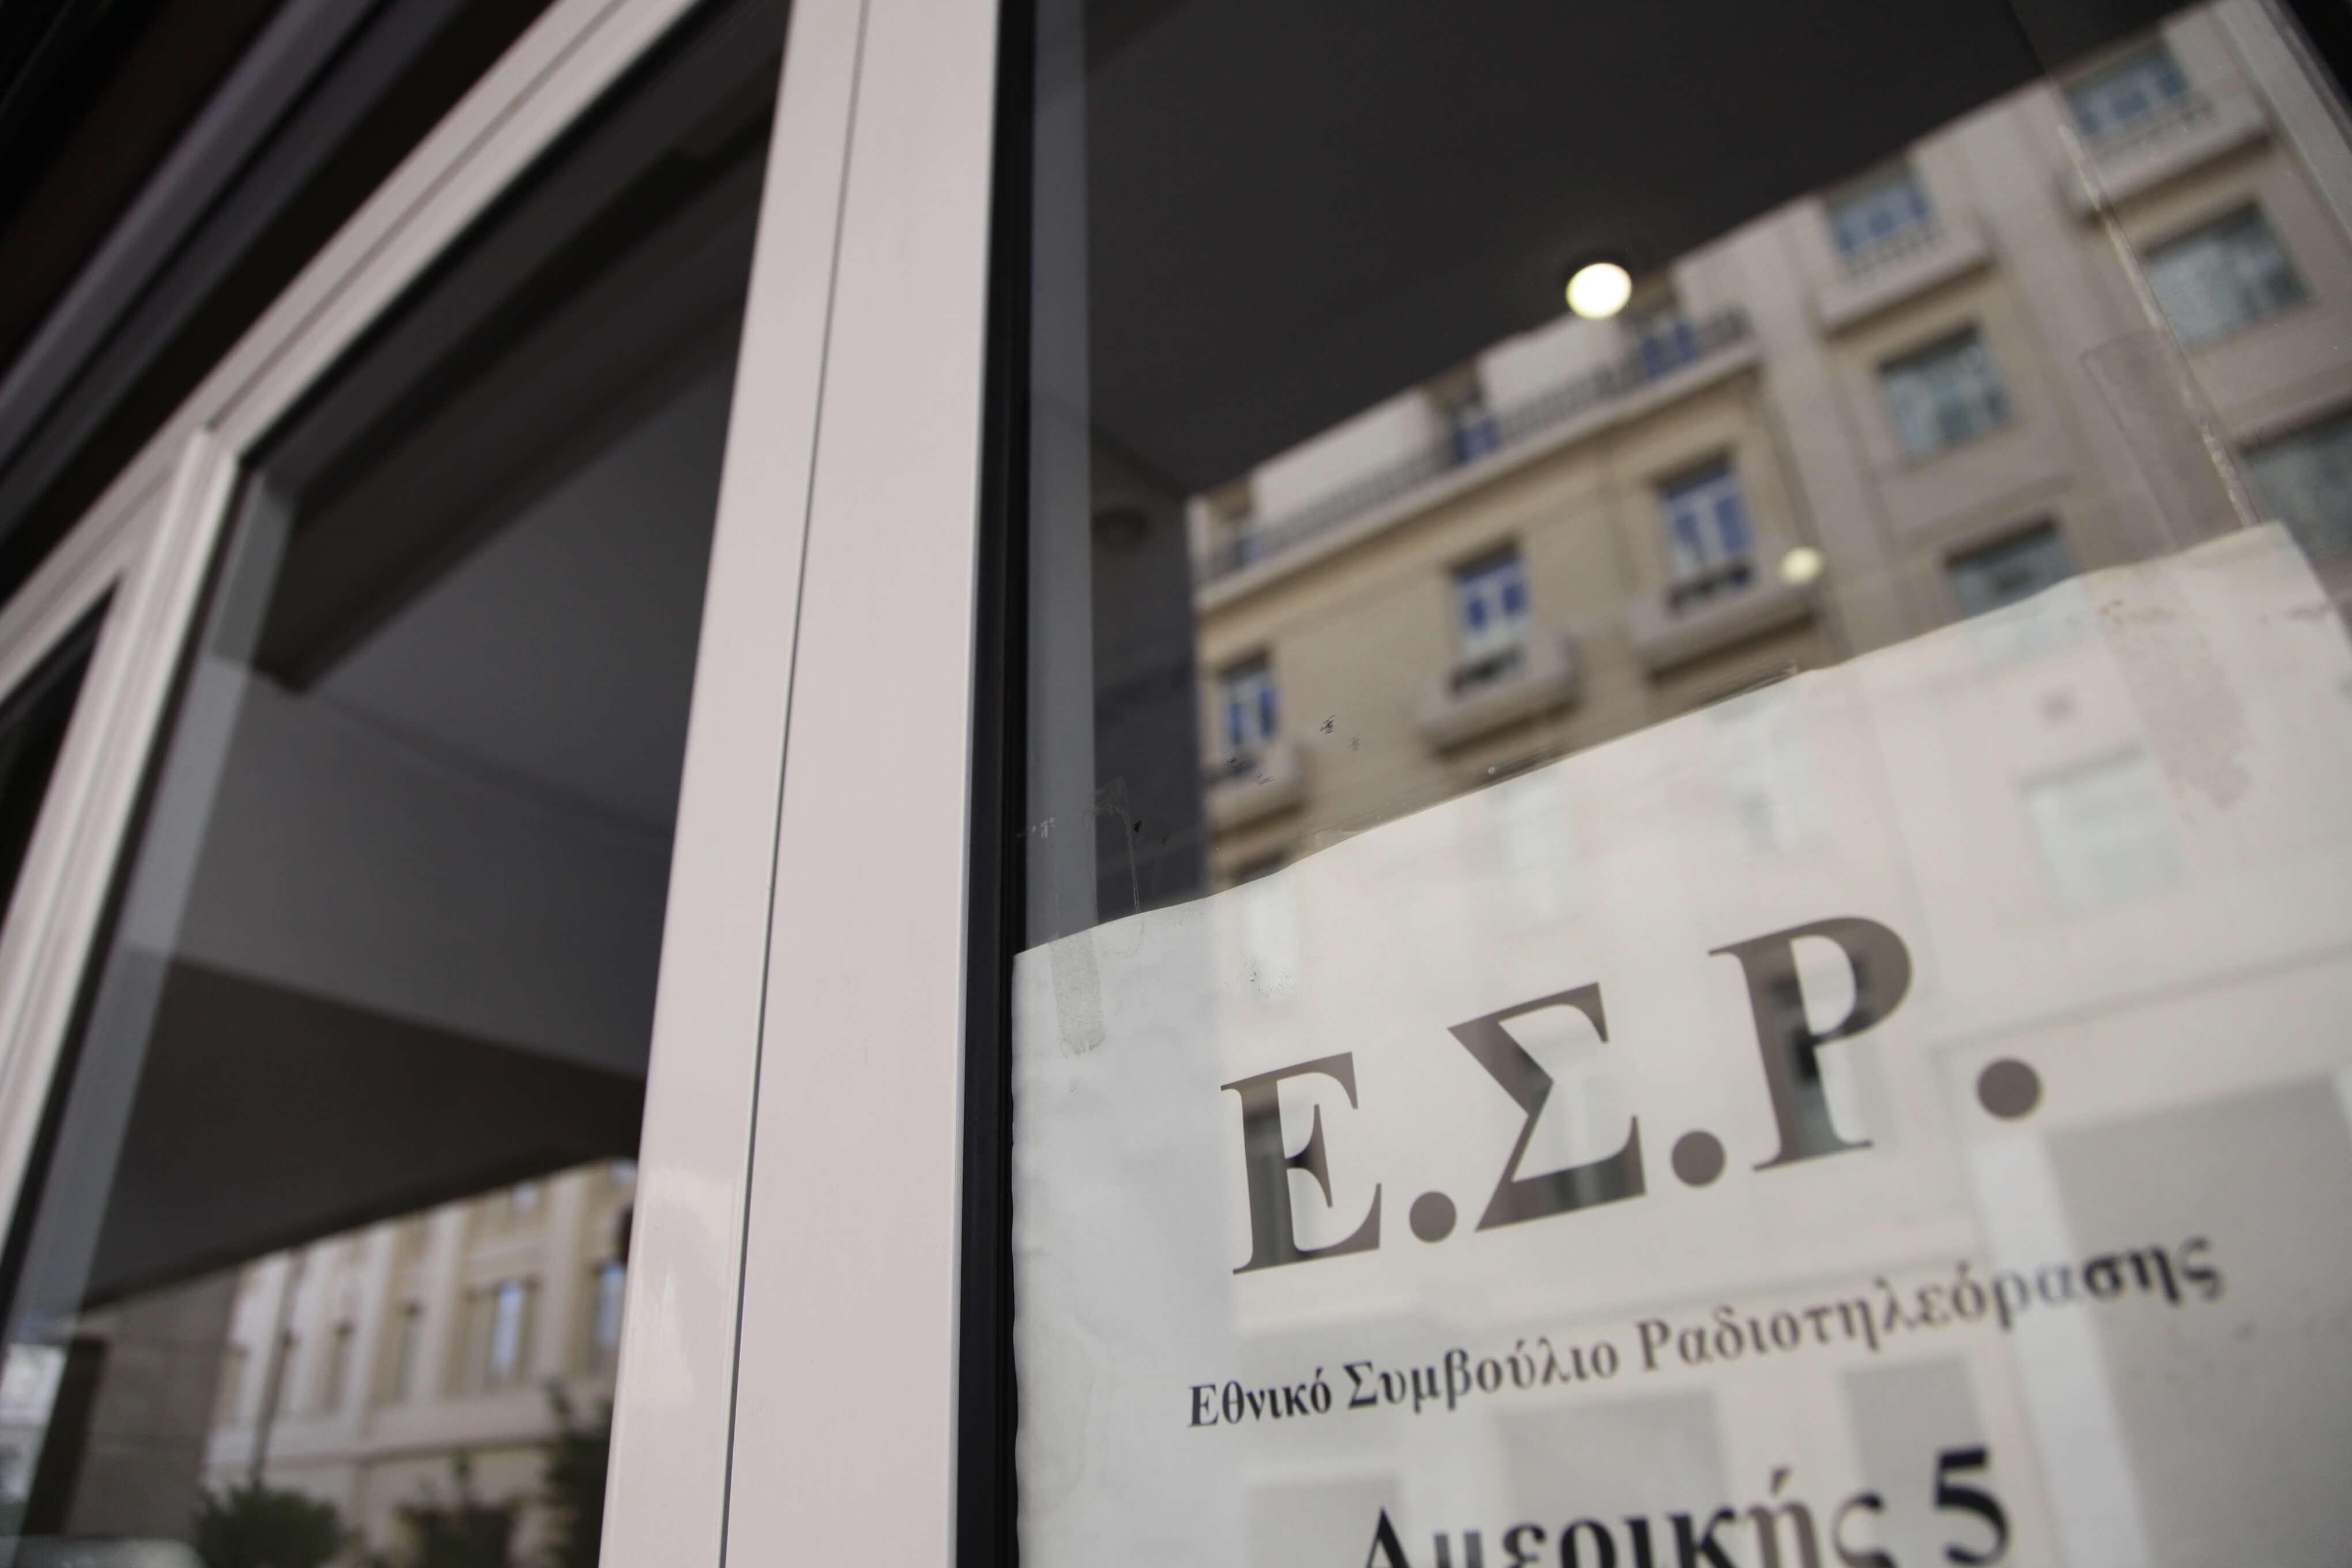 Προβλήματα στο ΕΣΡ: Το τελεσίγραφο μετά την αδιαφορία | Newsit.gr